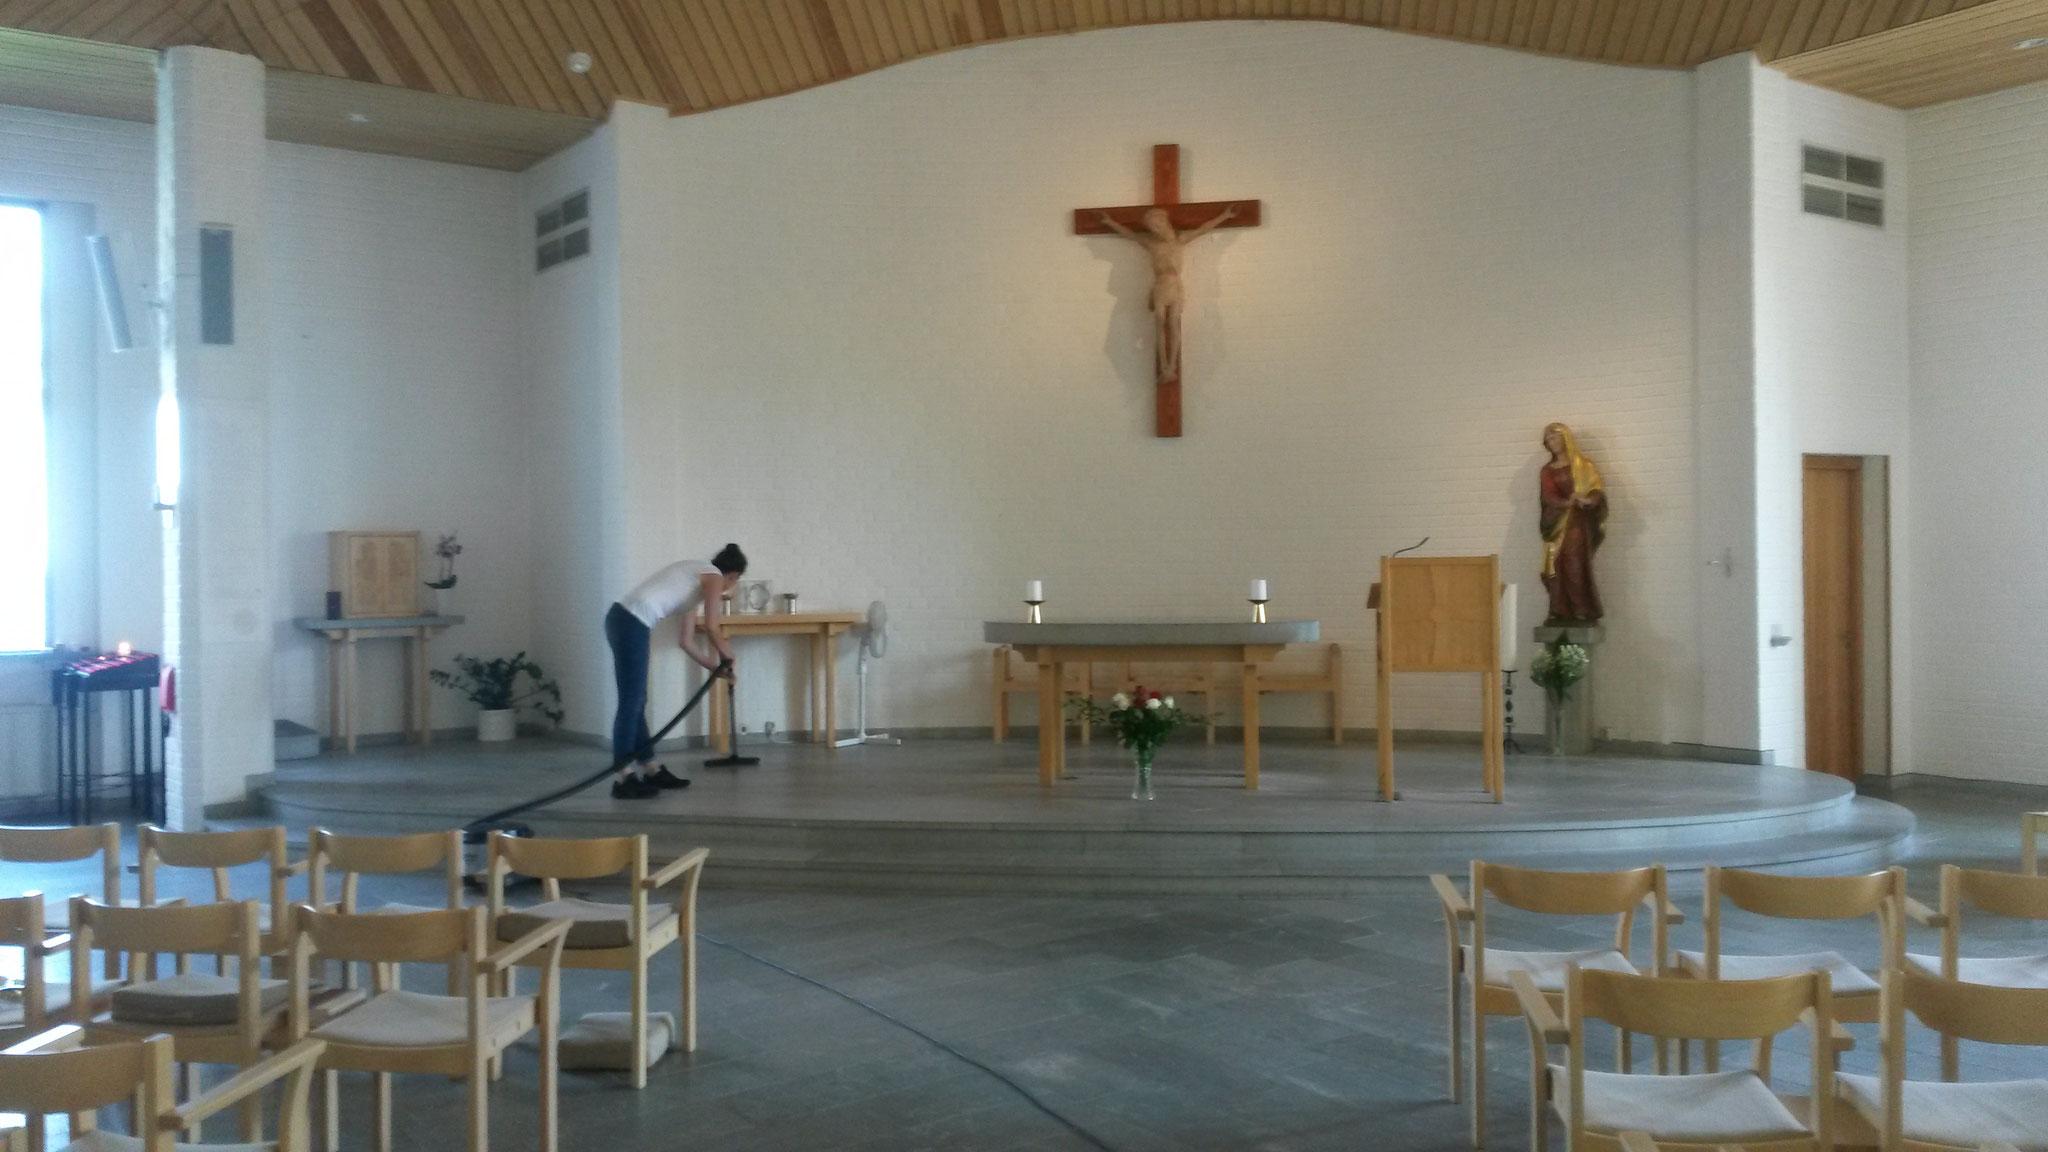 Matea Renic putzt die Kirche der Birgittaschwestern in Vadstena